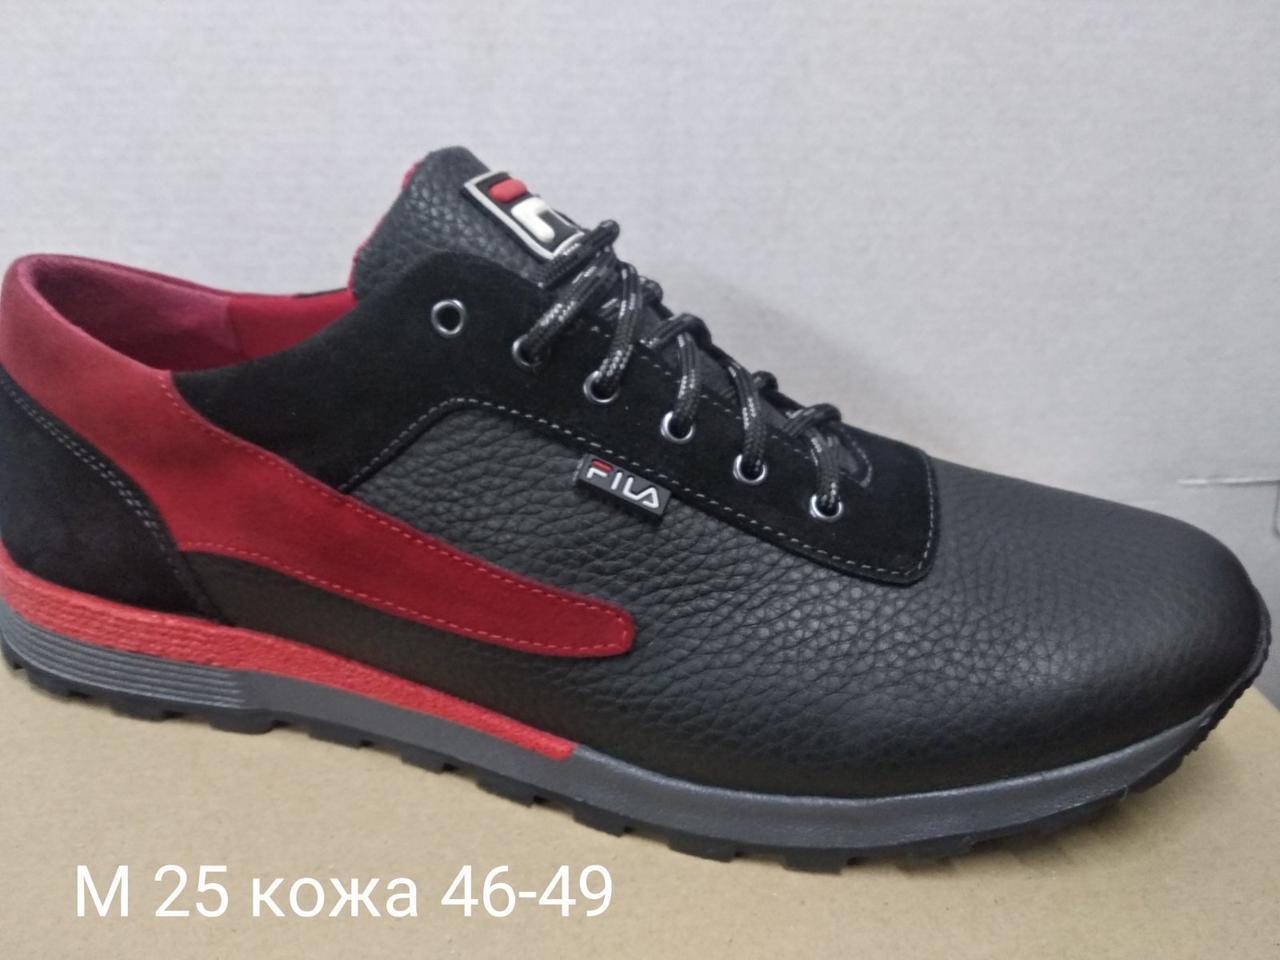 Мужские  кожаные кроссовки Fila больших размеров  46, 47, 48, 49